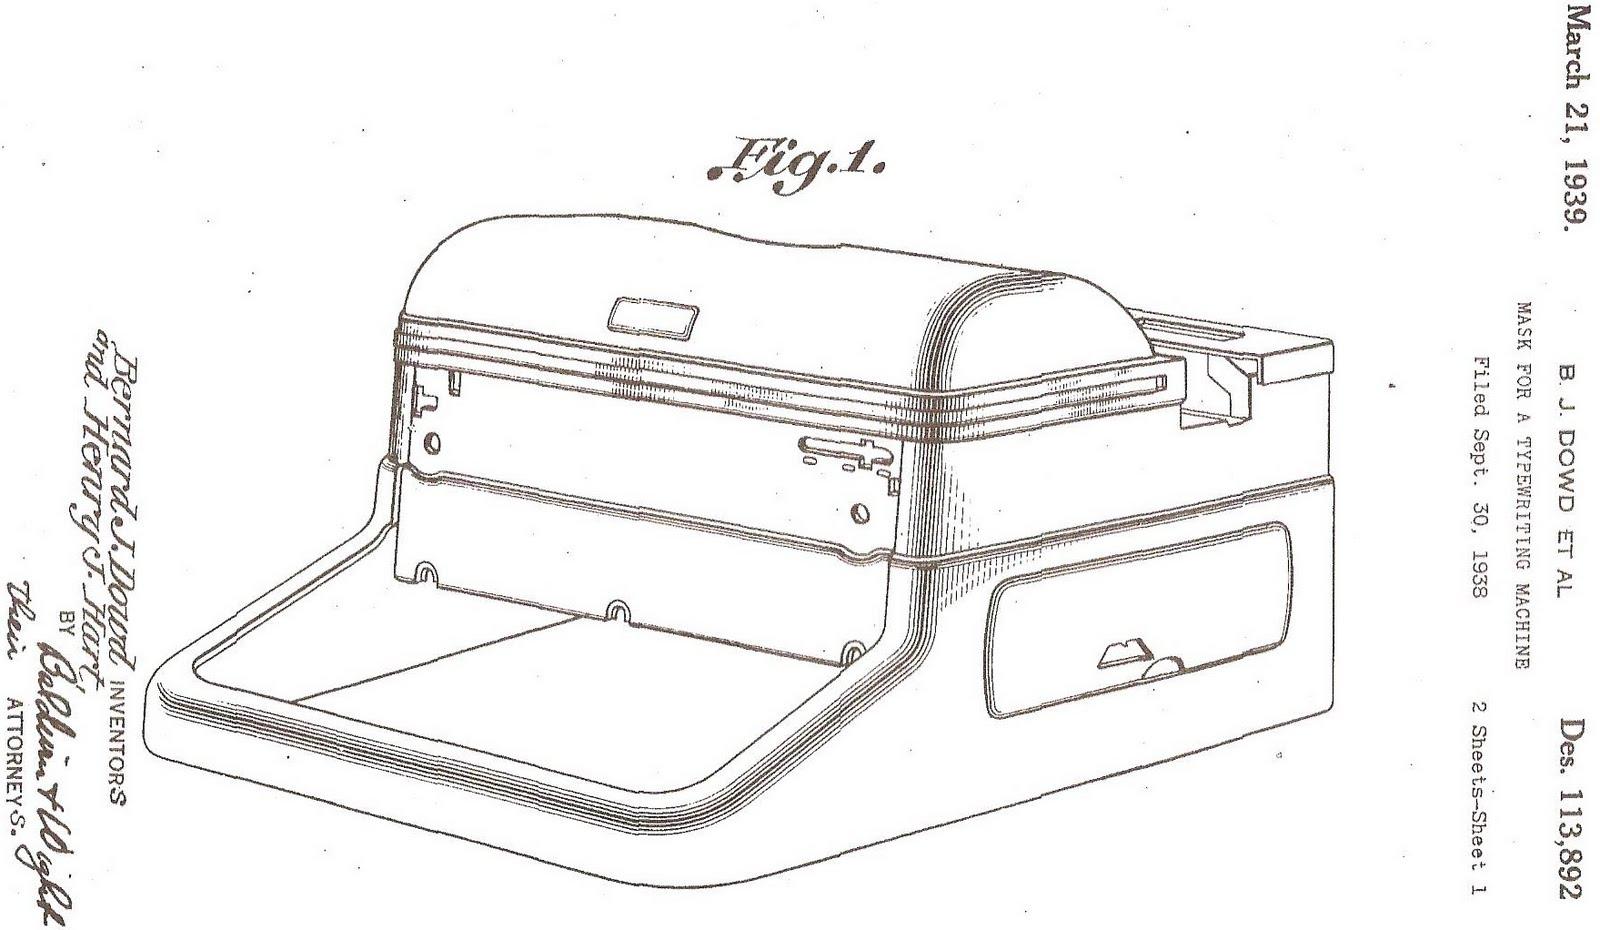 oz.Typewriter: On This Day in Typewriter History (CI)